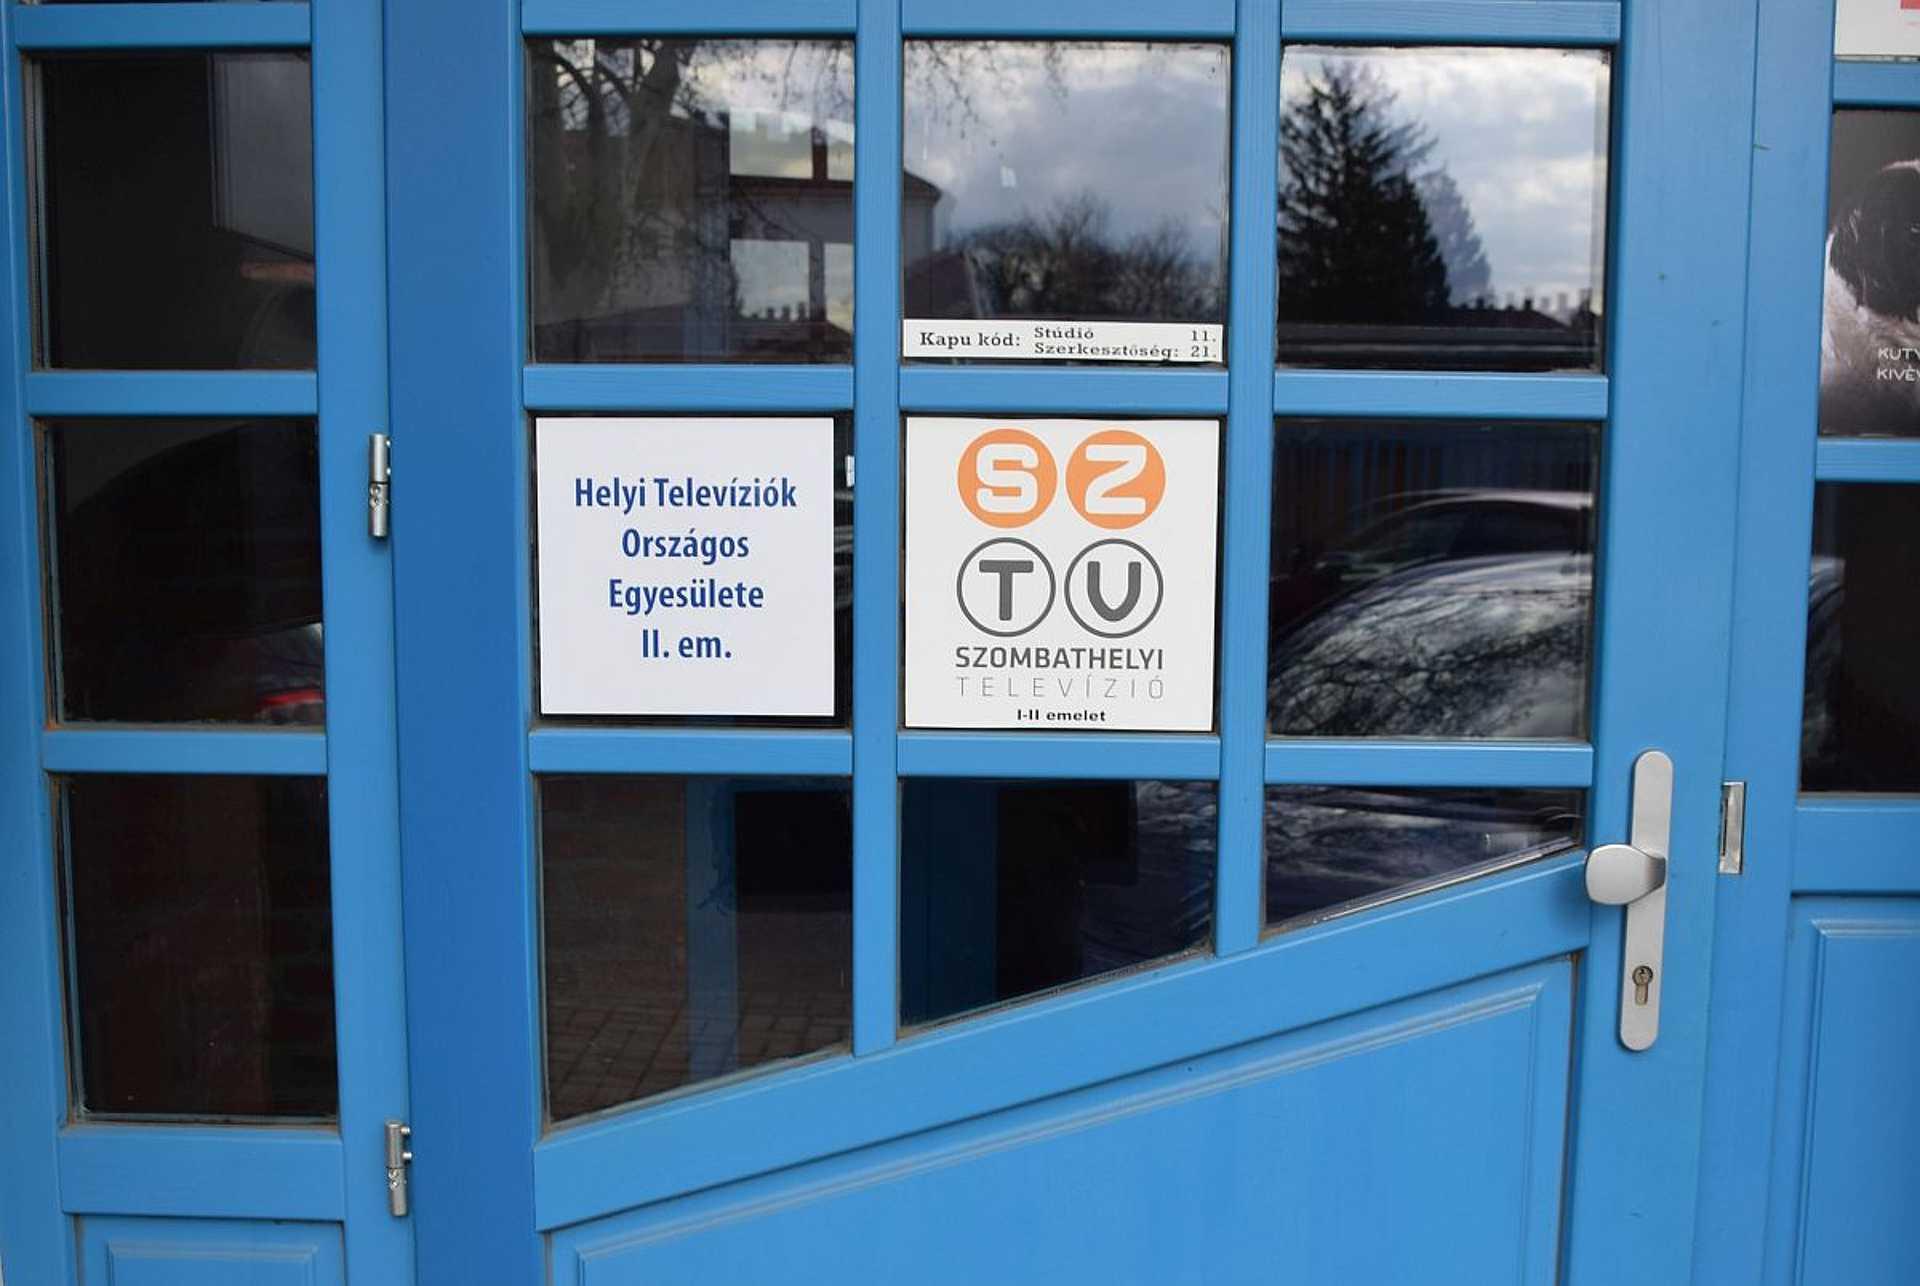 Médiaközpont, Szombathelyi Tv